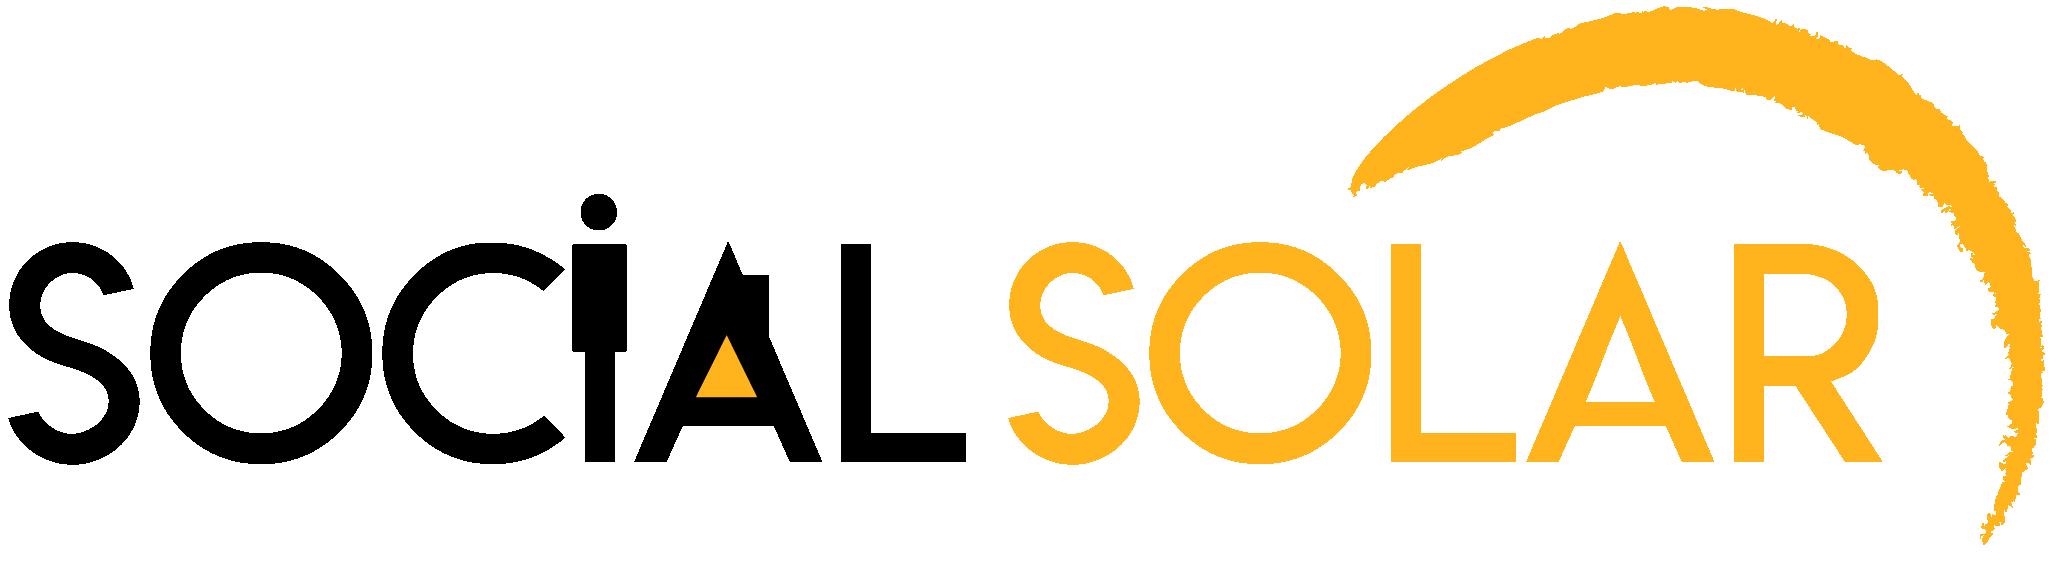 SOCIAL SOLAR